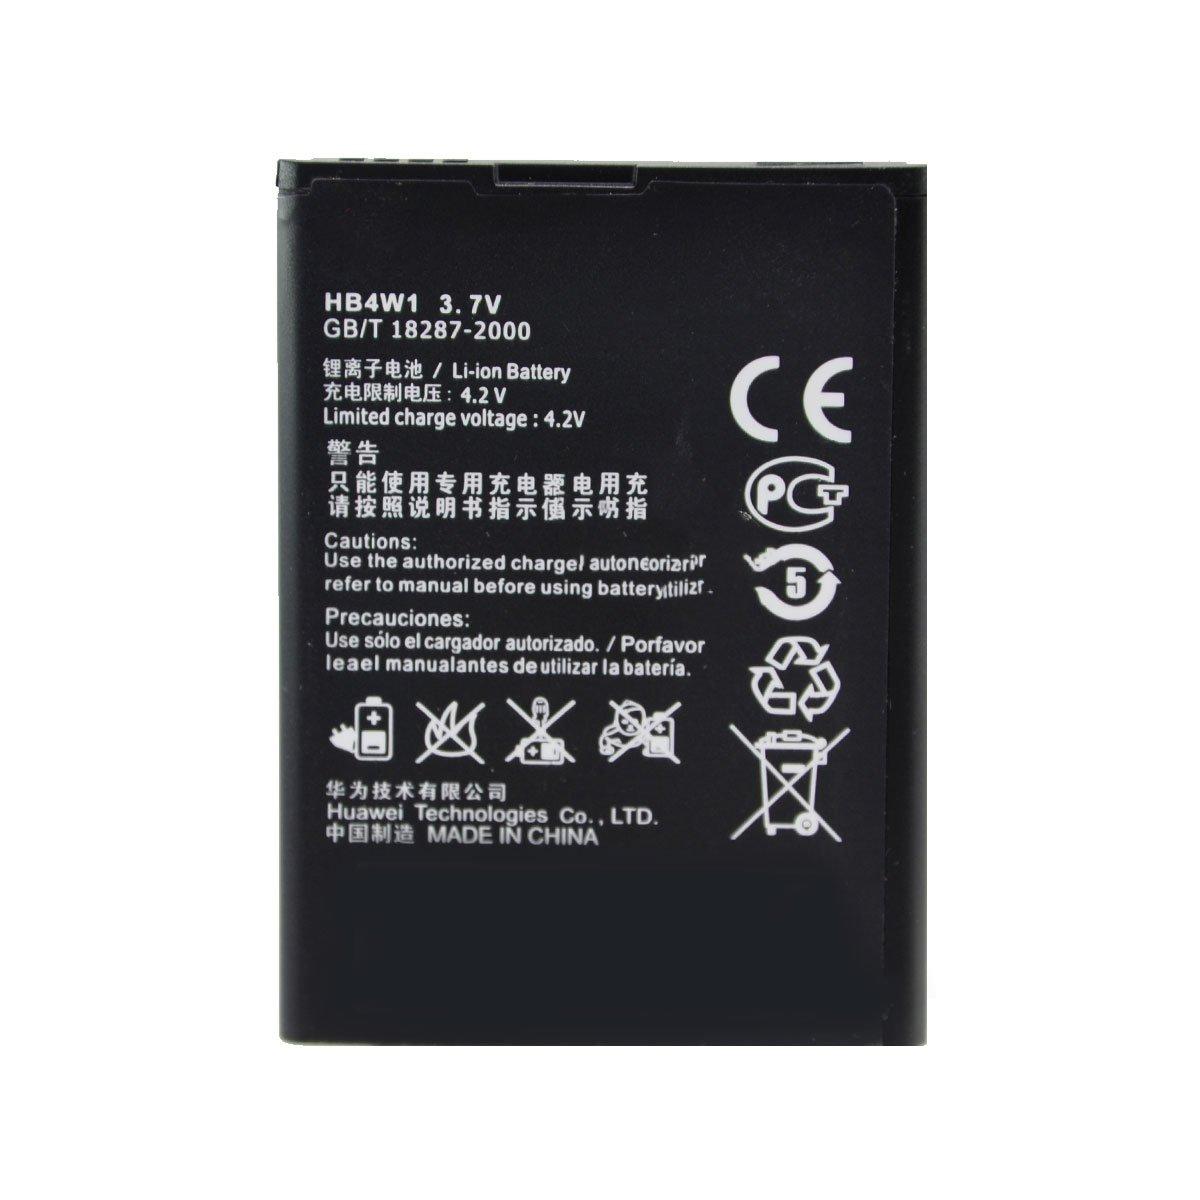 Аккумуляторная батарея для Huawei Ascend G525 HB4W1